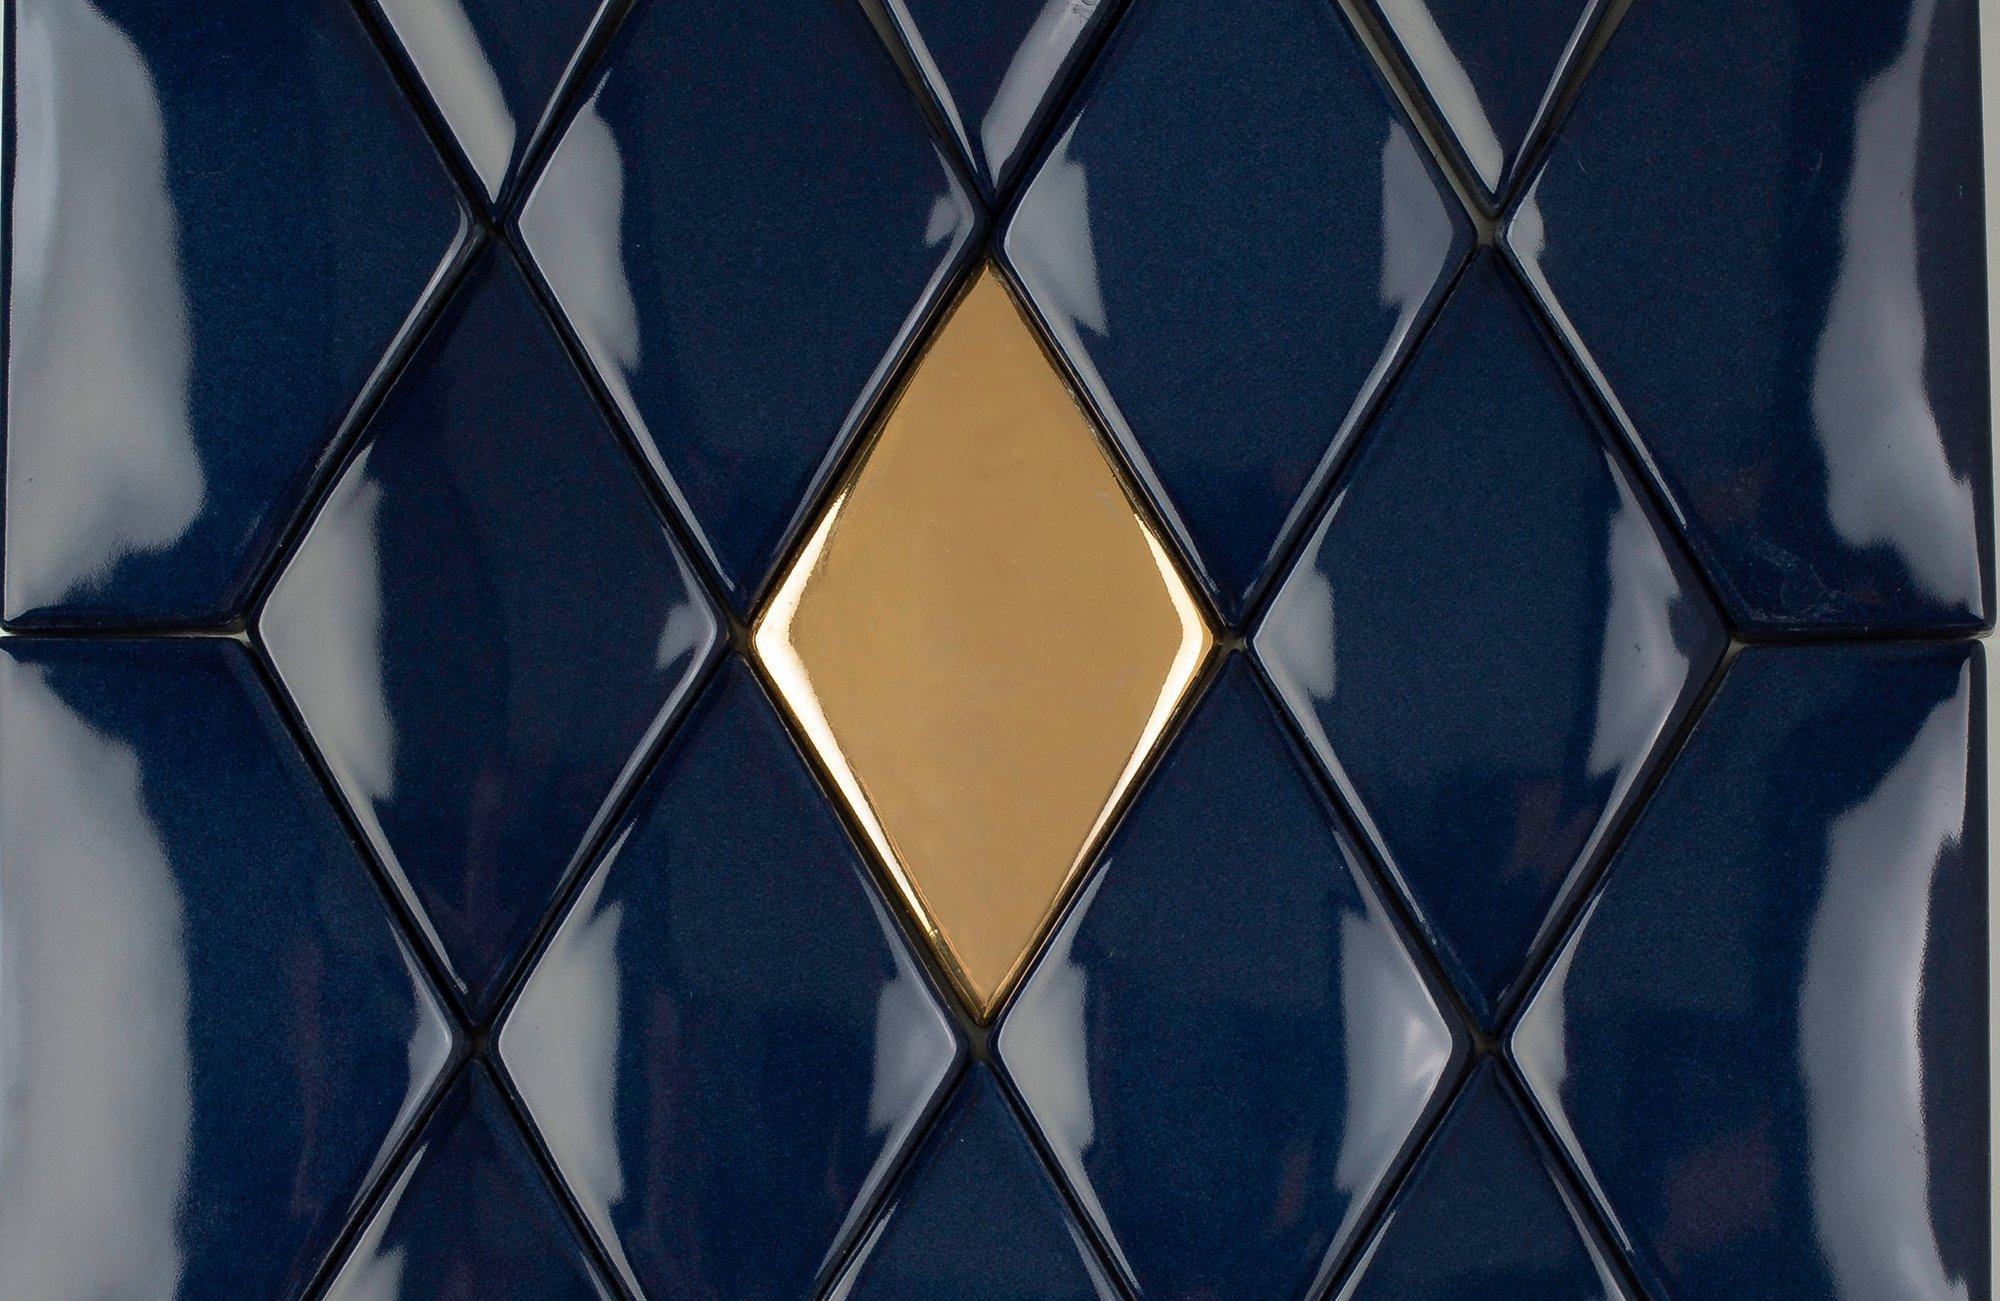 ORO BIANCO HANDMADE TILES präsentiert mit LIMMAT eine sehr vielseitige Fliese. Mit LIMMAT können sowohl ganze Wände als auch Wandbilder gelegt werden.